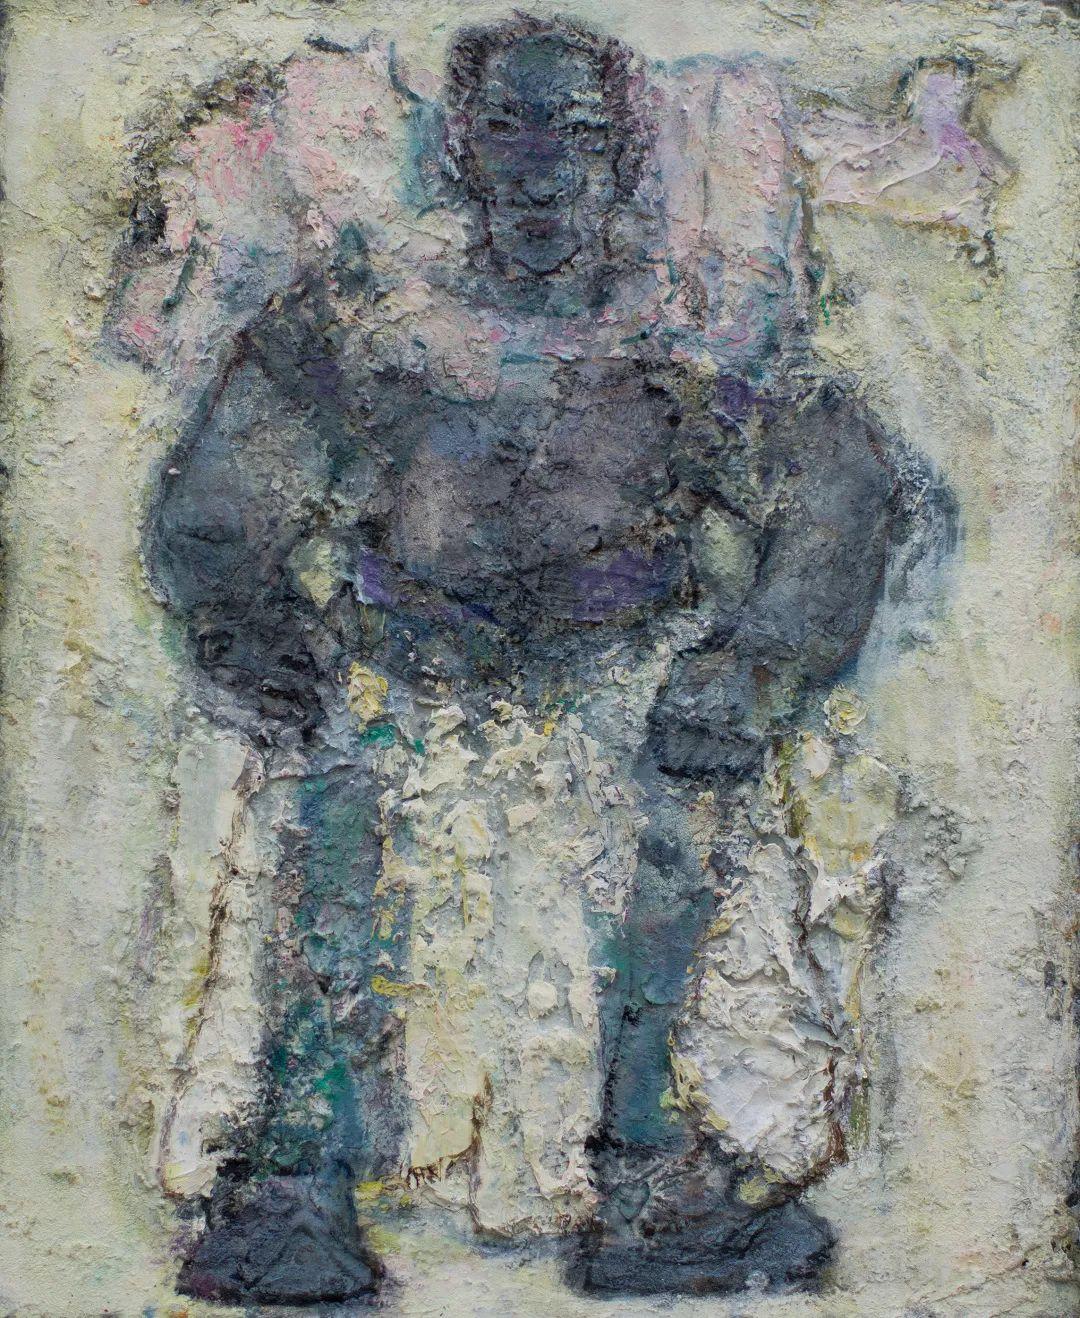 身边的名家|砂金的油画写生 第13张 身边的名家|砂金的油画写生 蒙古画廊